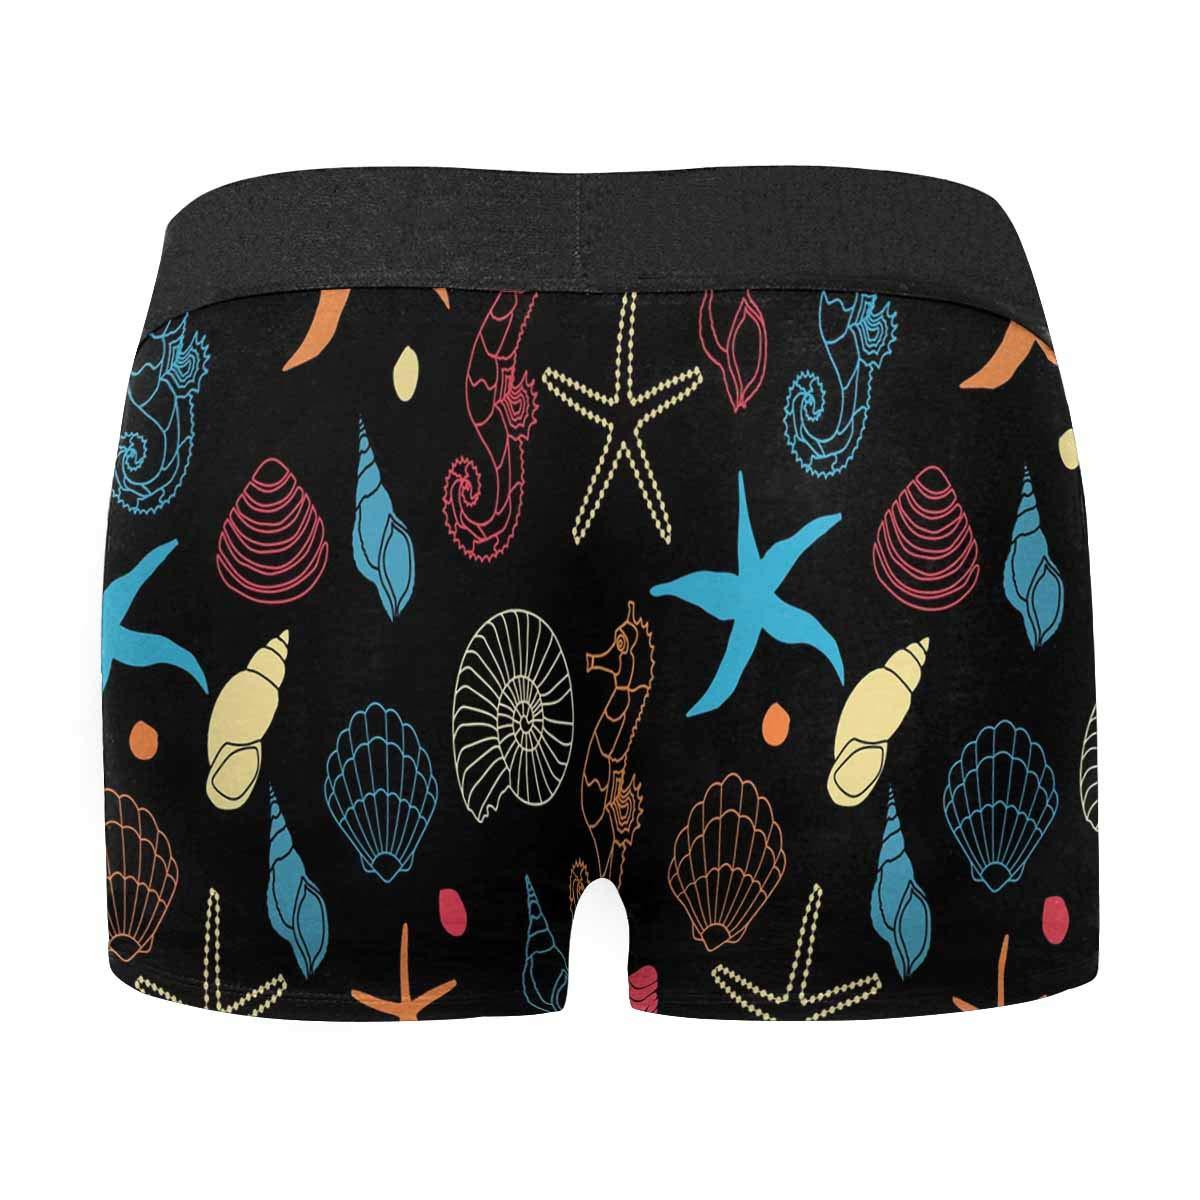 INTERESTPRINT Boxer Briefs Mens Underwear Cute Starfish and Hippocampus XXL